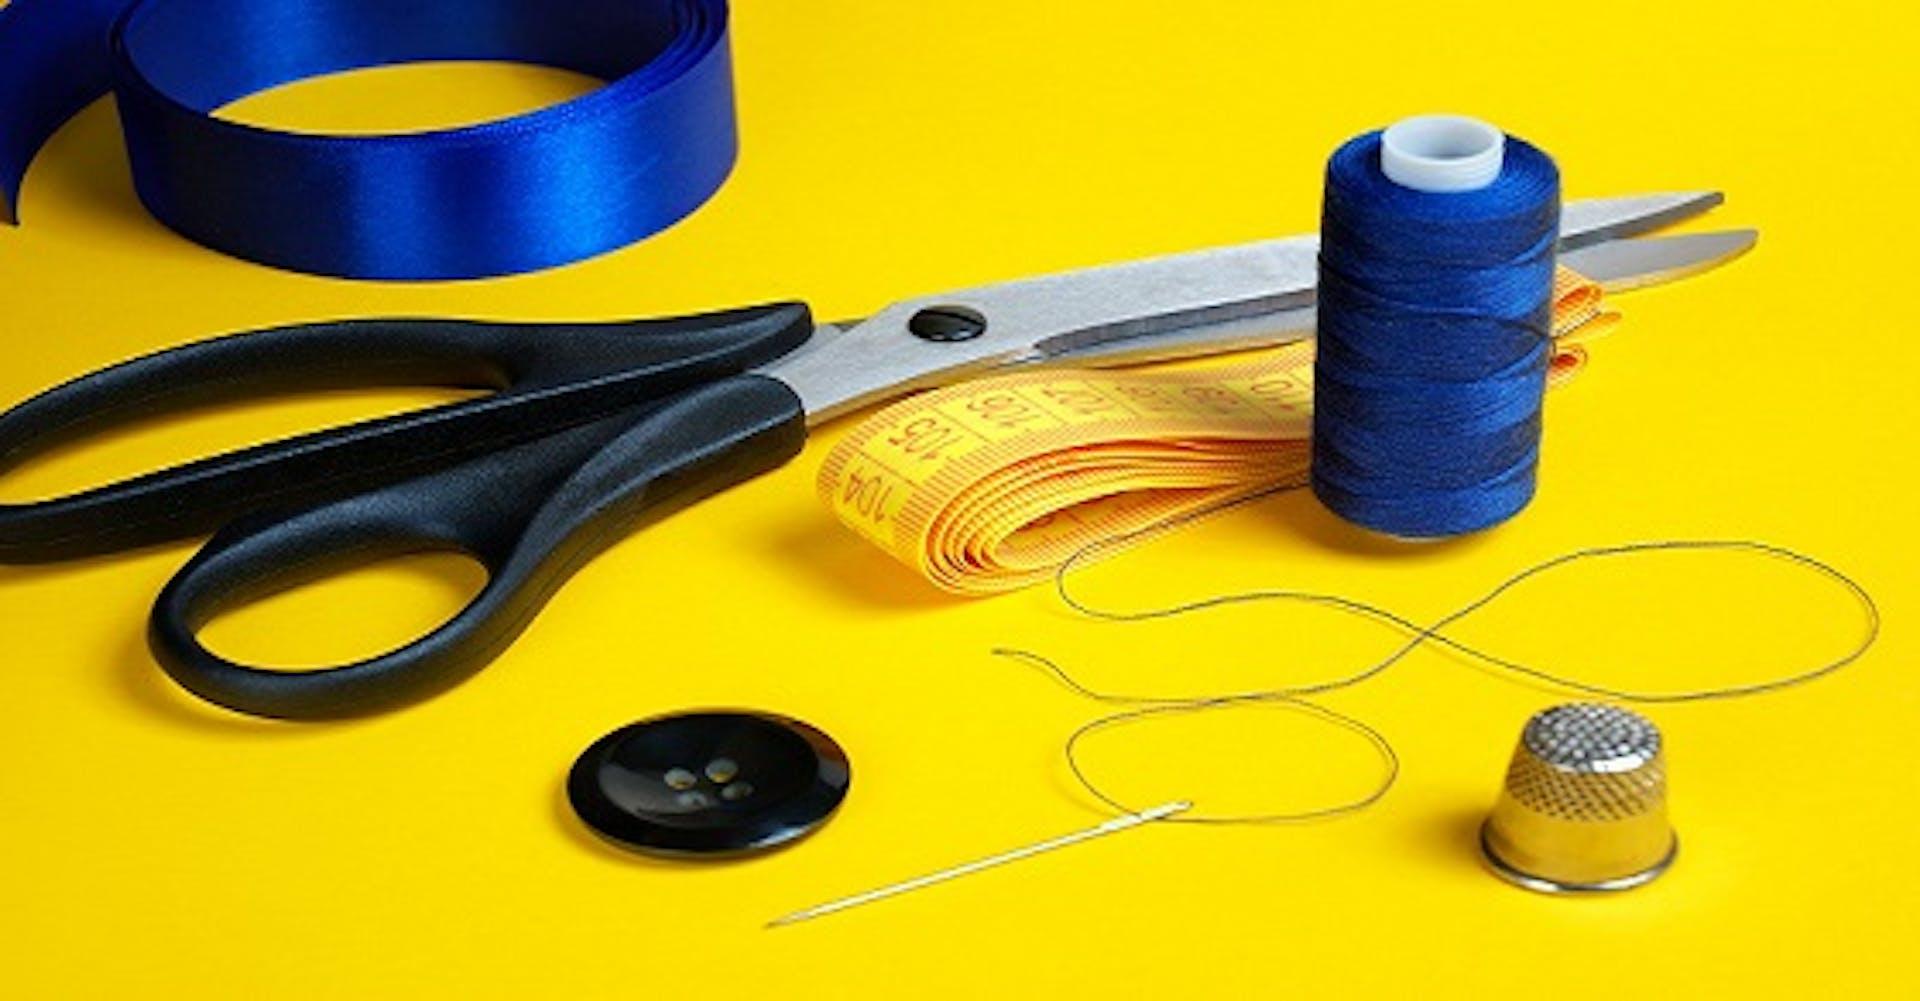 Guía de herramientas de costura para que te enamores del arte de coser